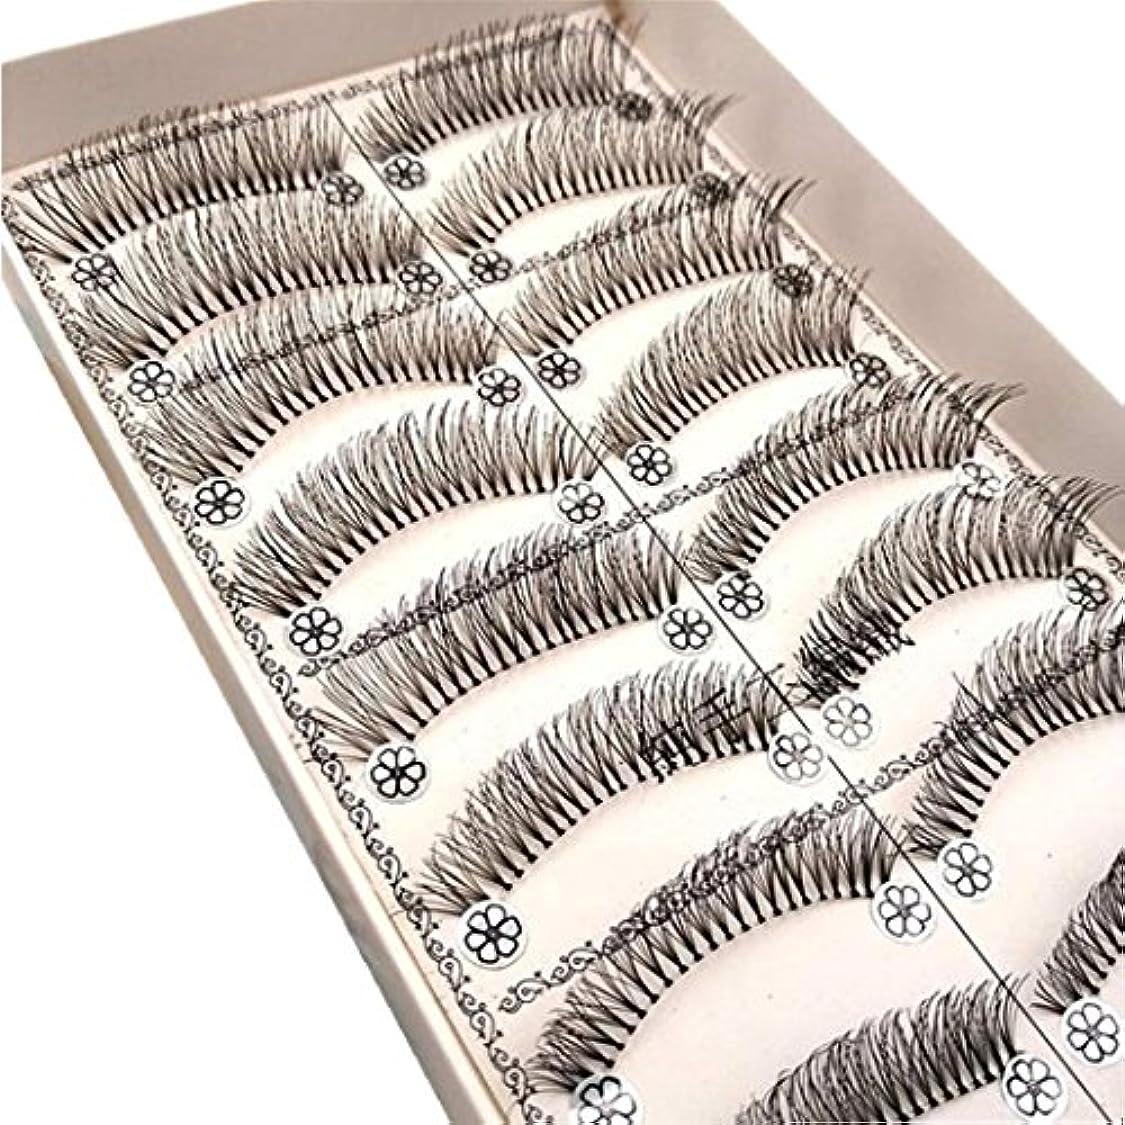 佐賀拘束有名なFeteso 10組 偽のまつげセット つけまつげ 上まつげ Eyelashes アイラッシュ ビューティー まつげエクステ レディース 化粧ツール アイメイクアップ 人気 ナチュラル 飾り 再利用可能 濃密 柔らかい